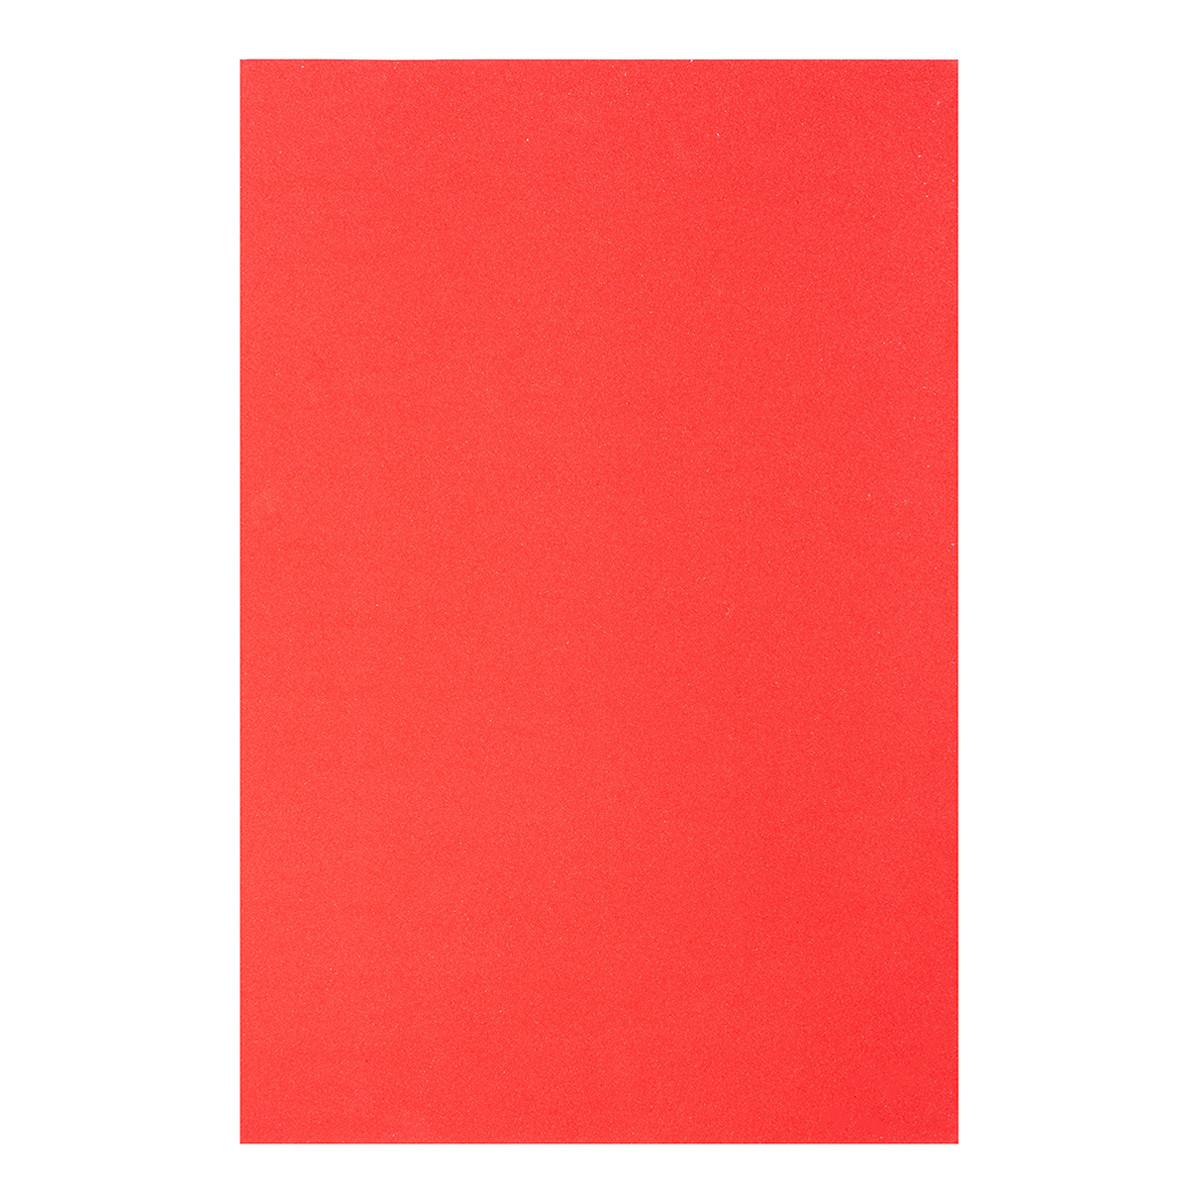 Фоамиран ЕВА червоний, з клейовим шаром, 200*300 мм, товщина 1,7 мм, 10 листів